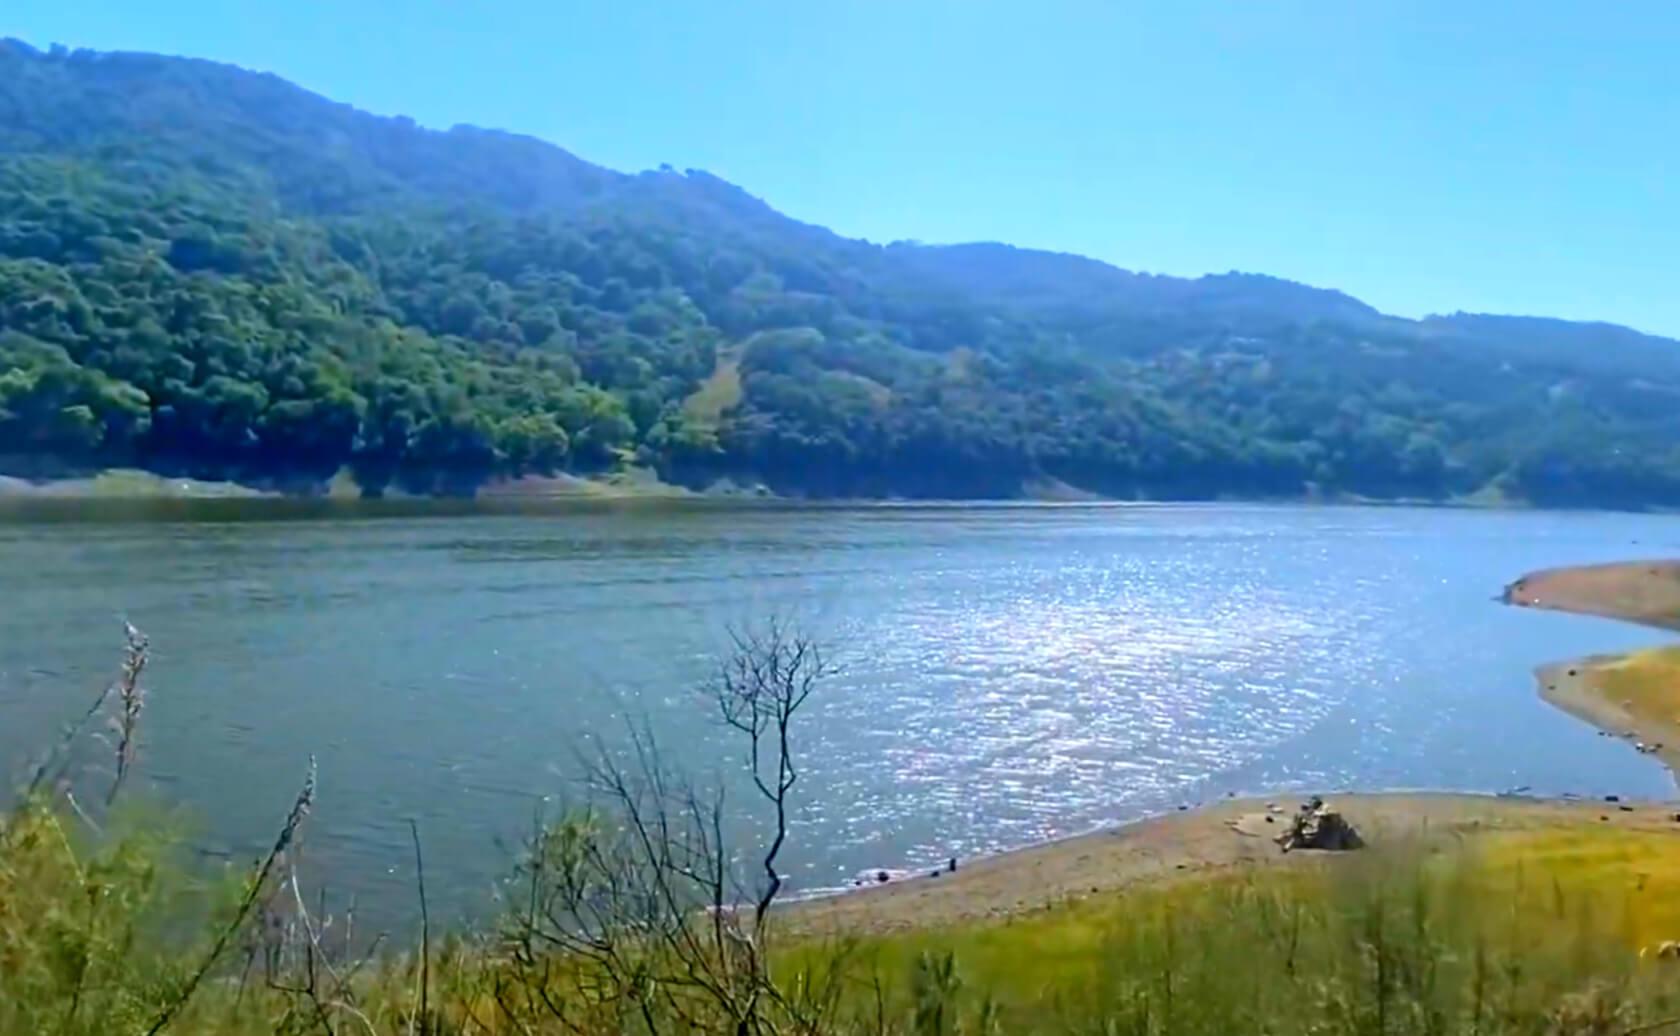 Chesbro-Reservoir-Lake-Fishing-Guide-Report-San-Jose-CA-02